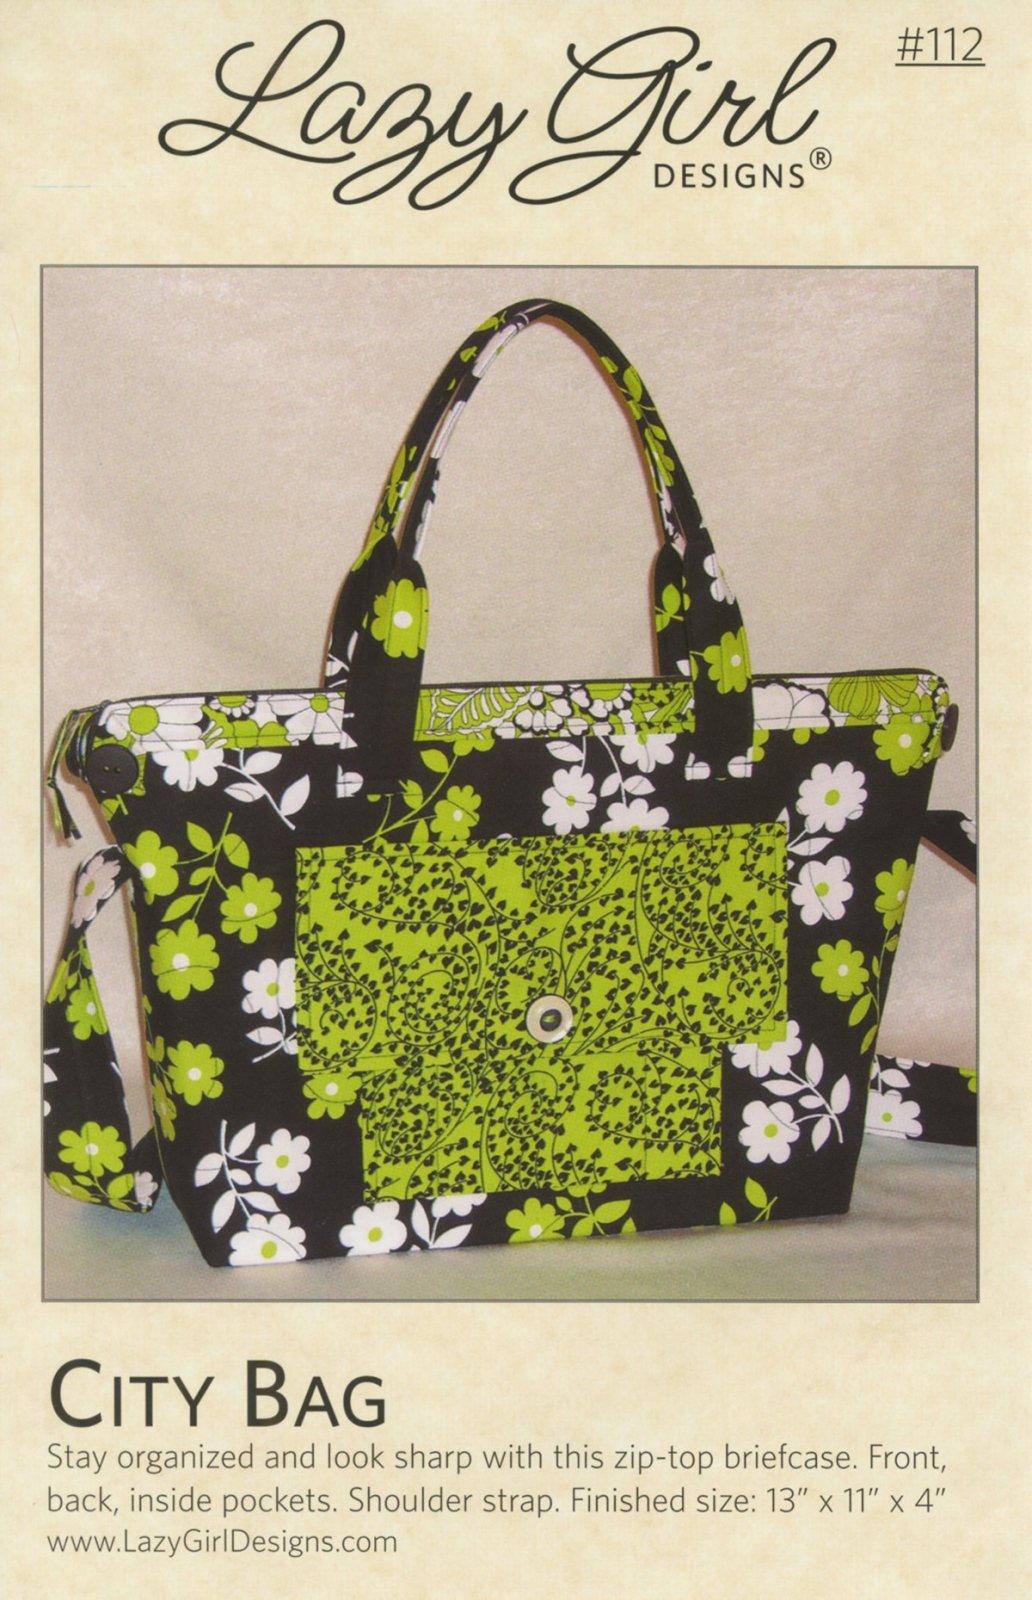 City Bag The